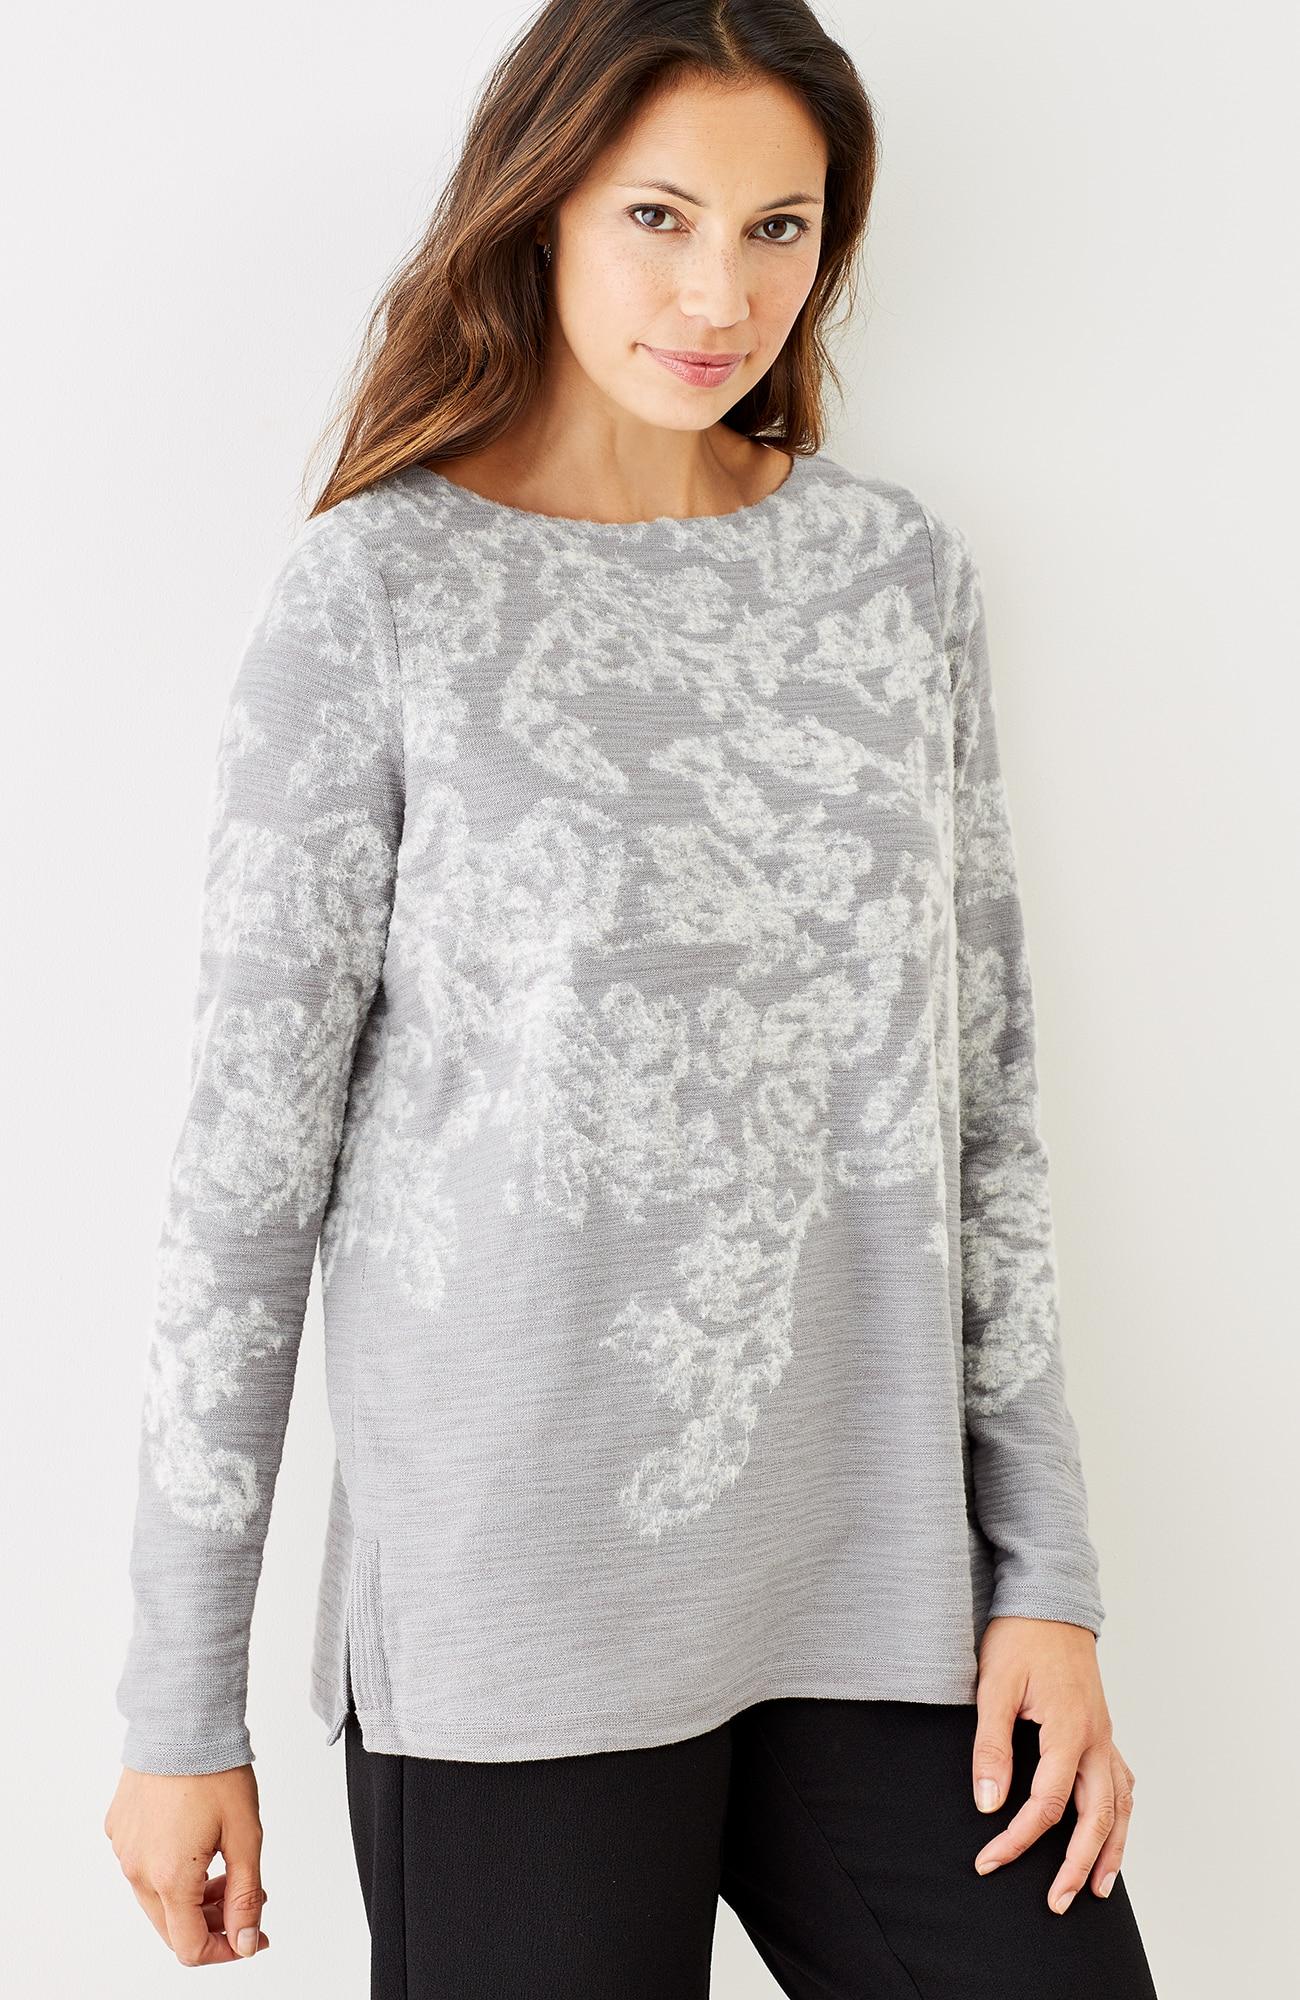 artisanal pullover